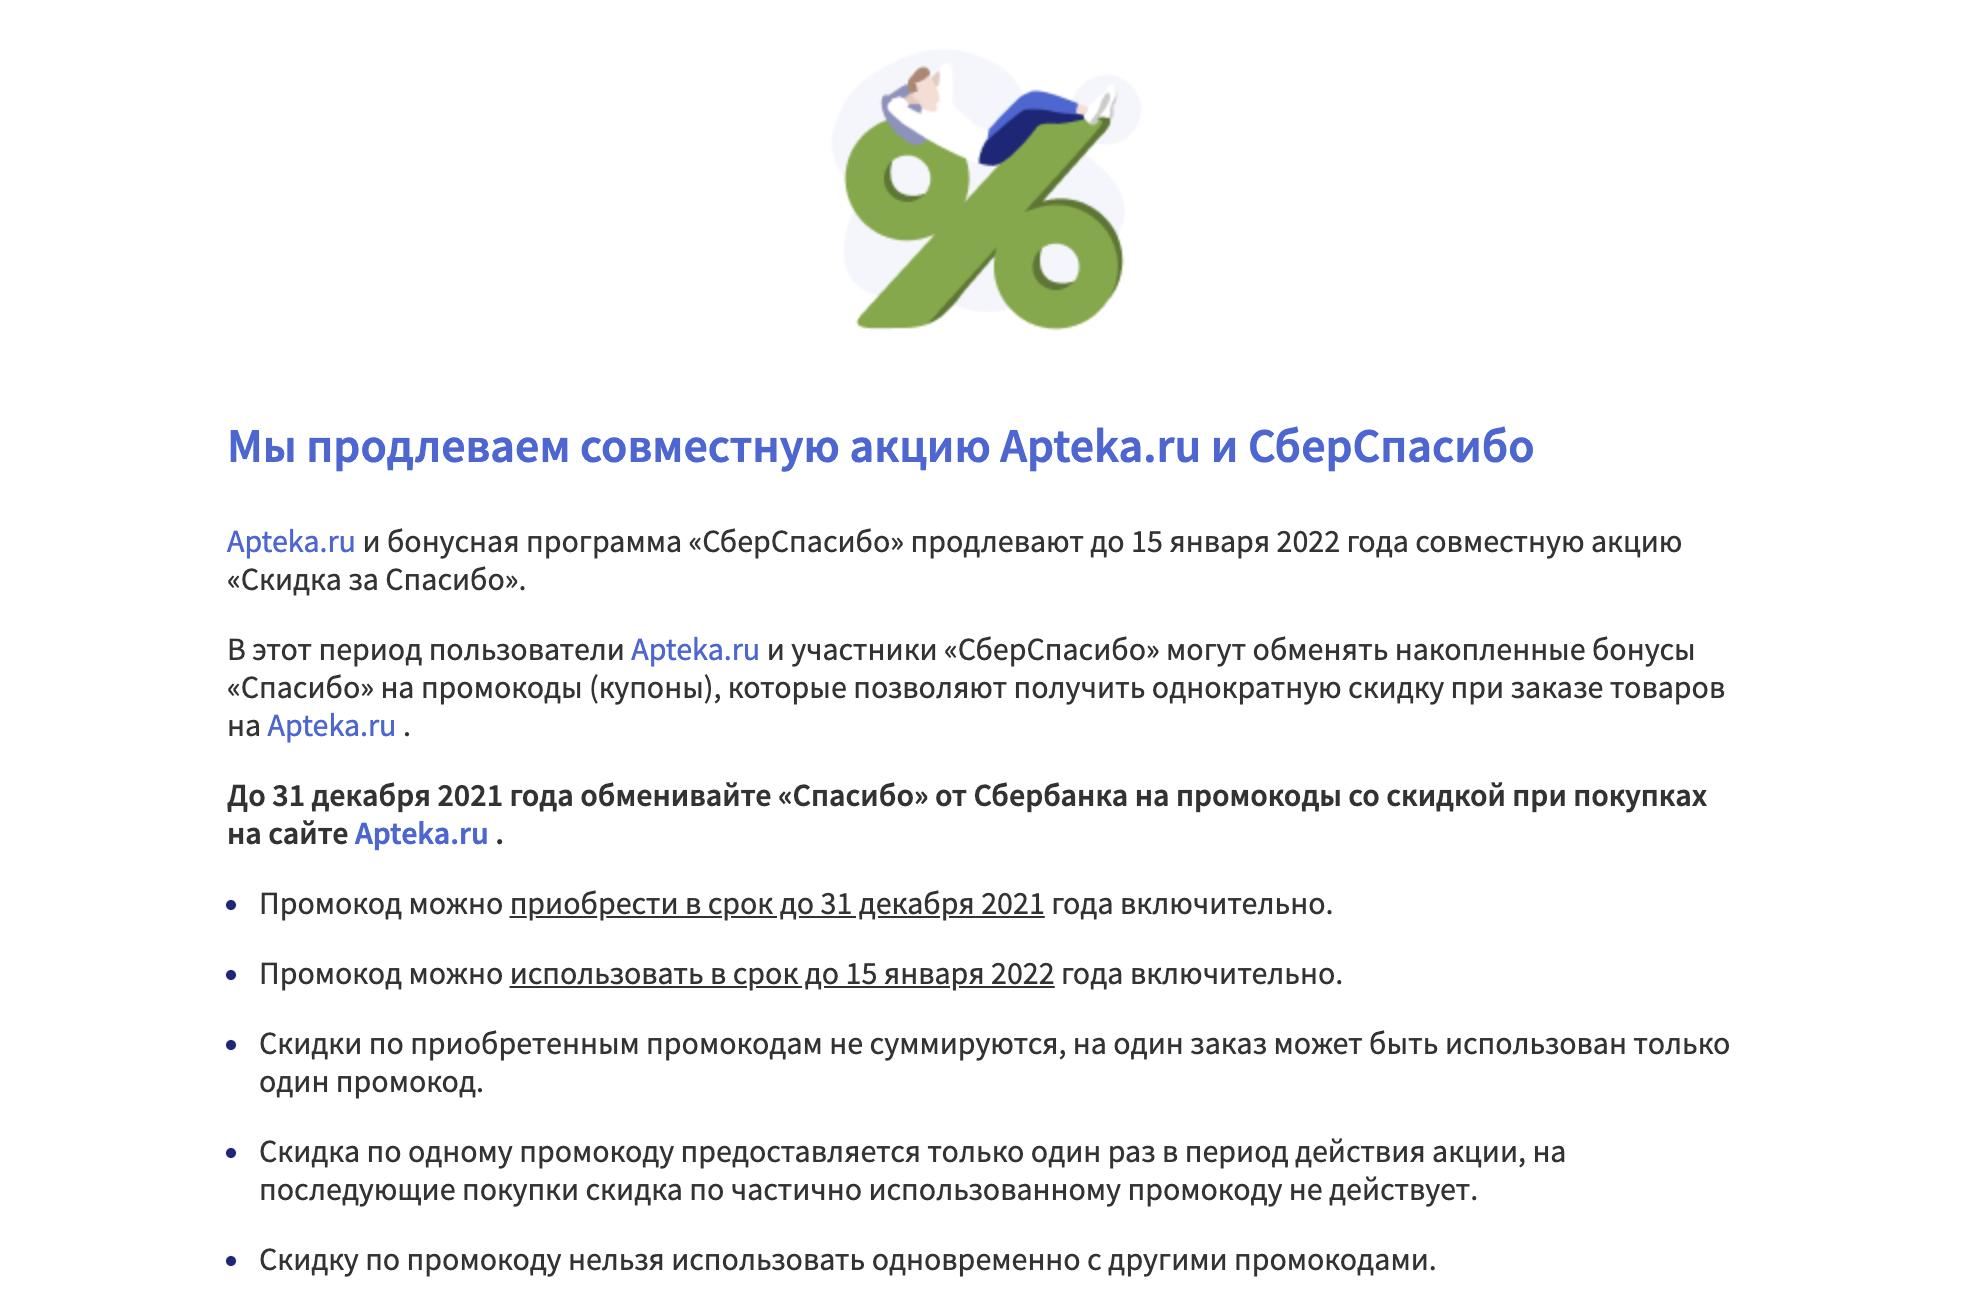 Как использовать бонусы СПАСИБО на сайте Apteka.ru